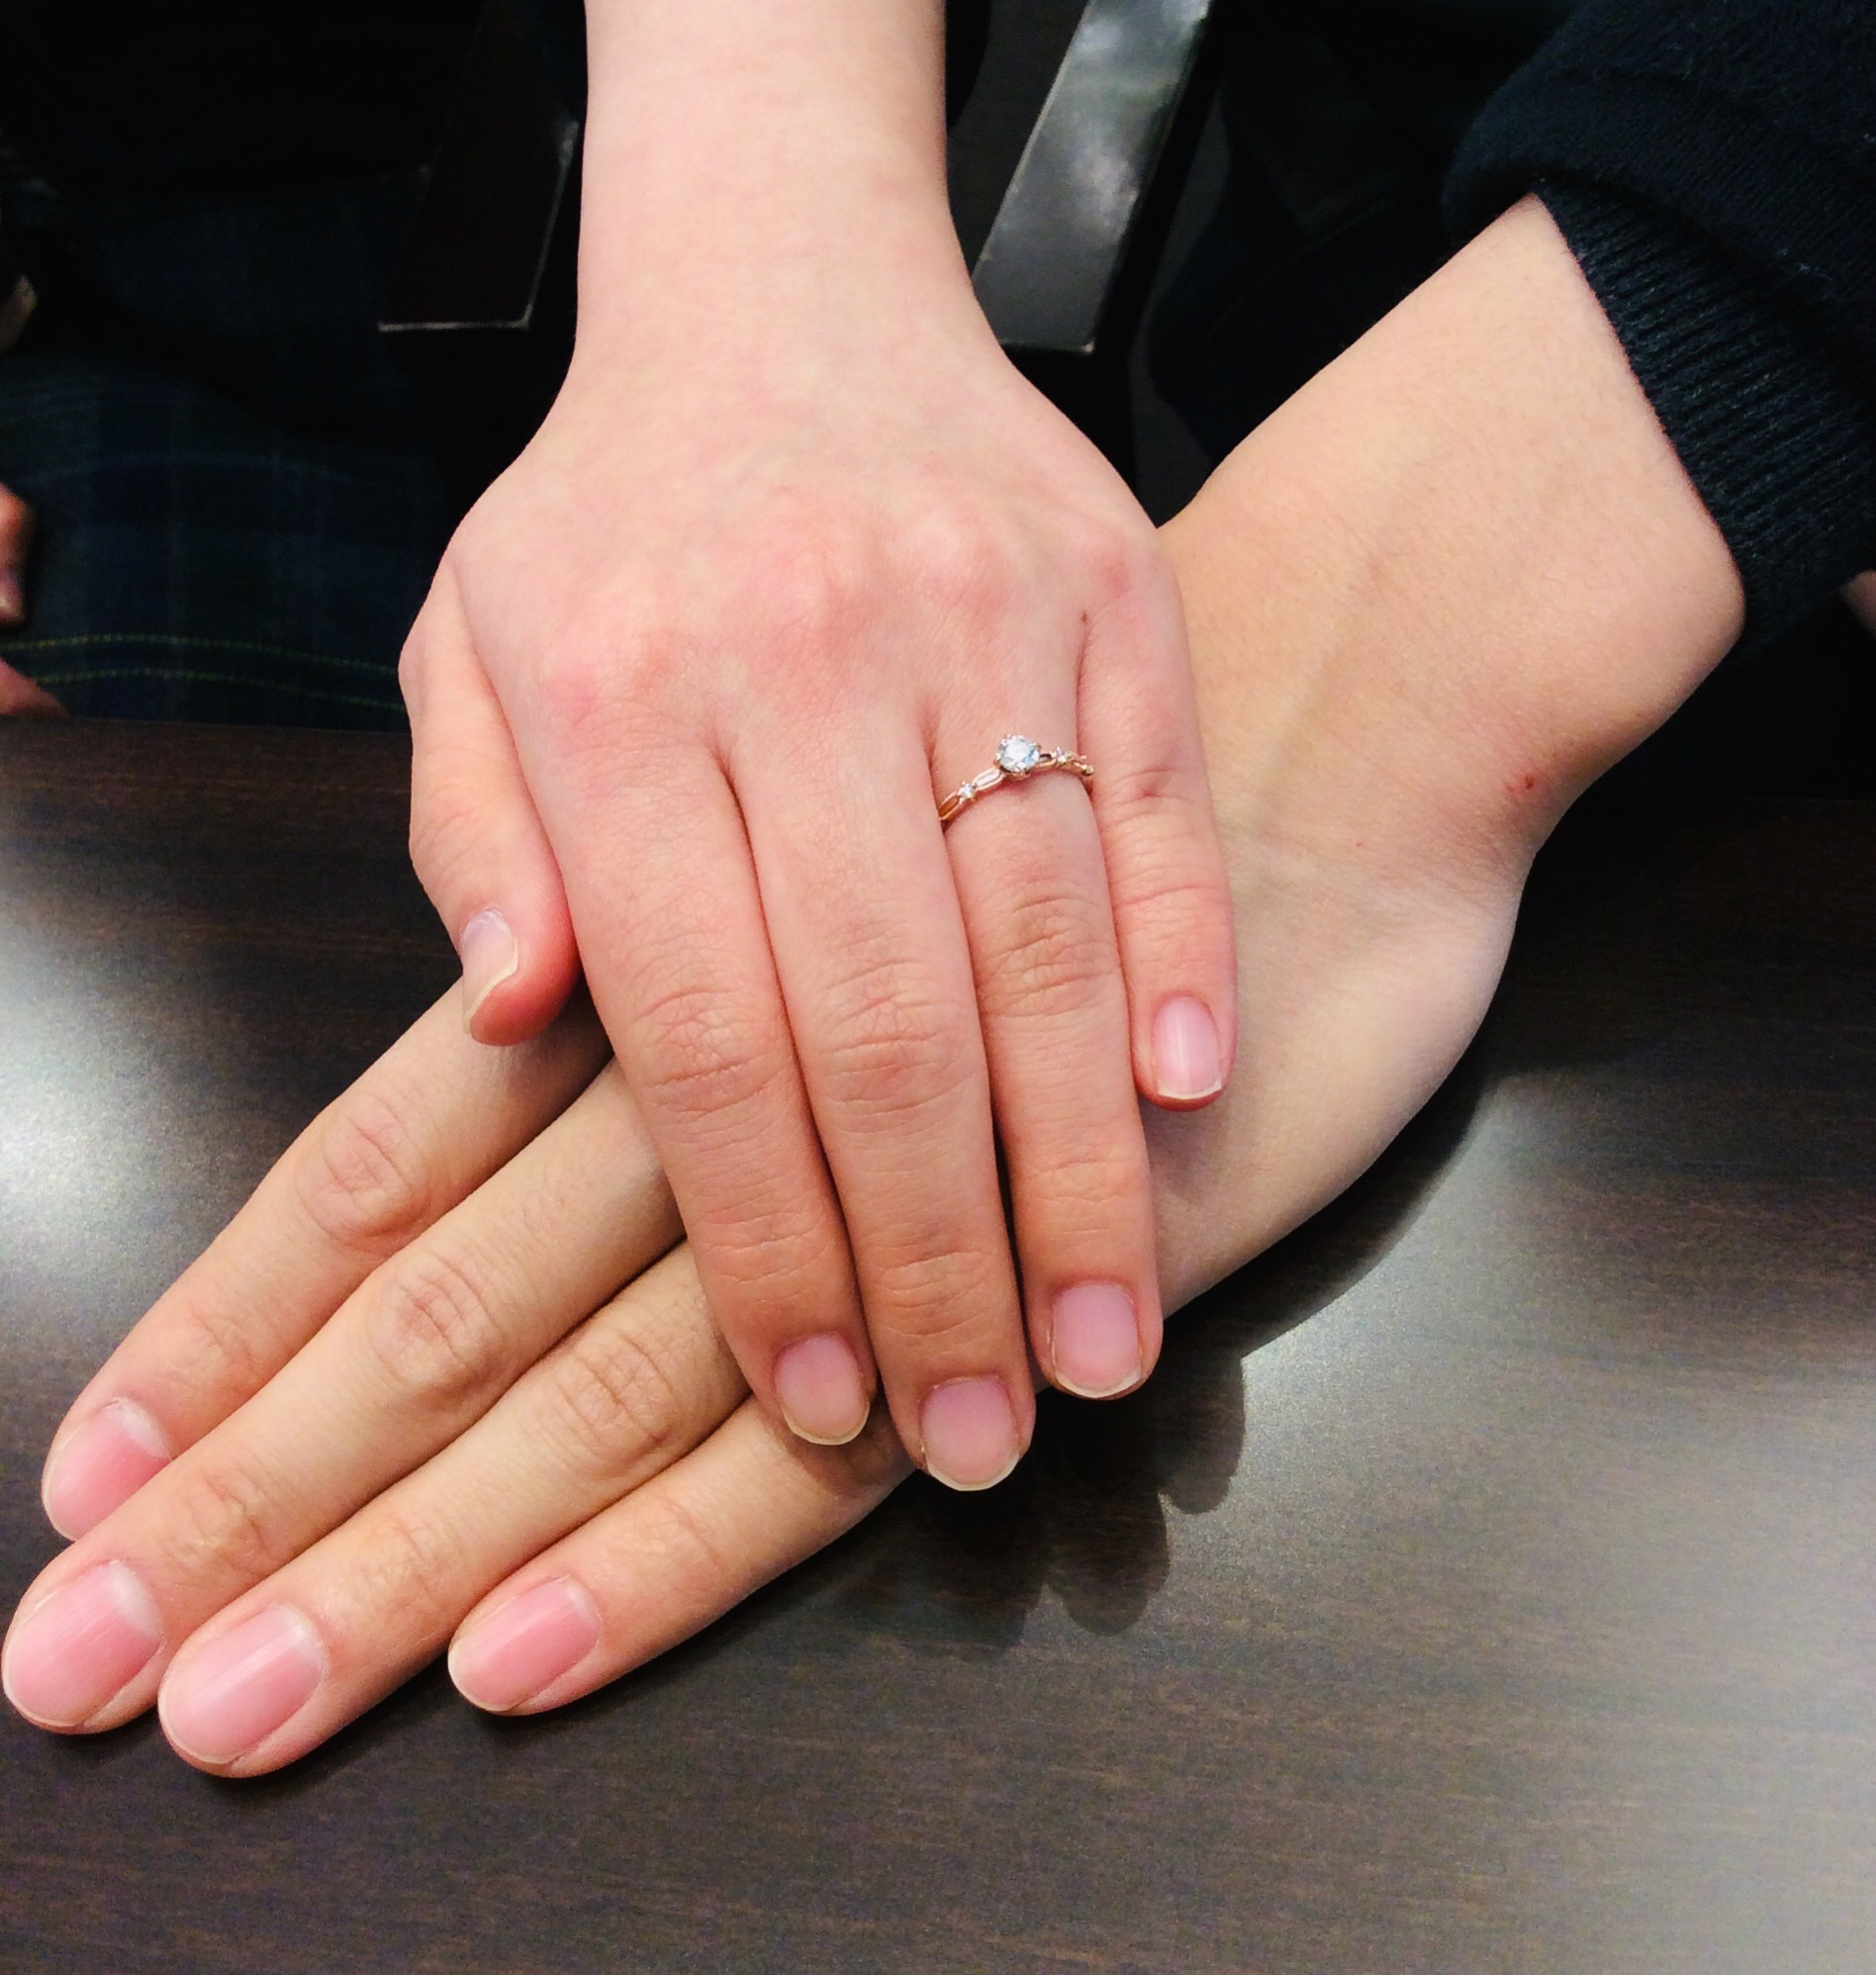 ルシエの婚約指輪「クロシェ」をご成約いただきました/燕市T様&S様